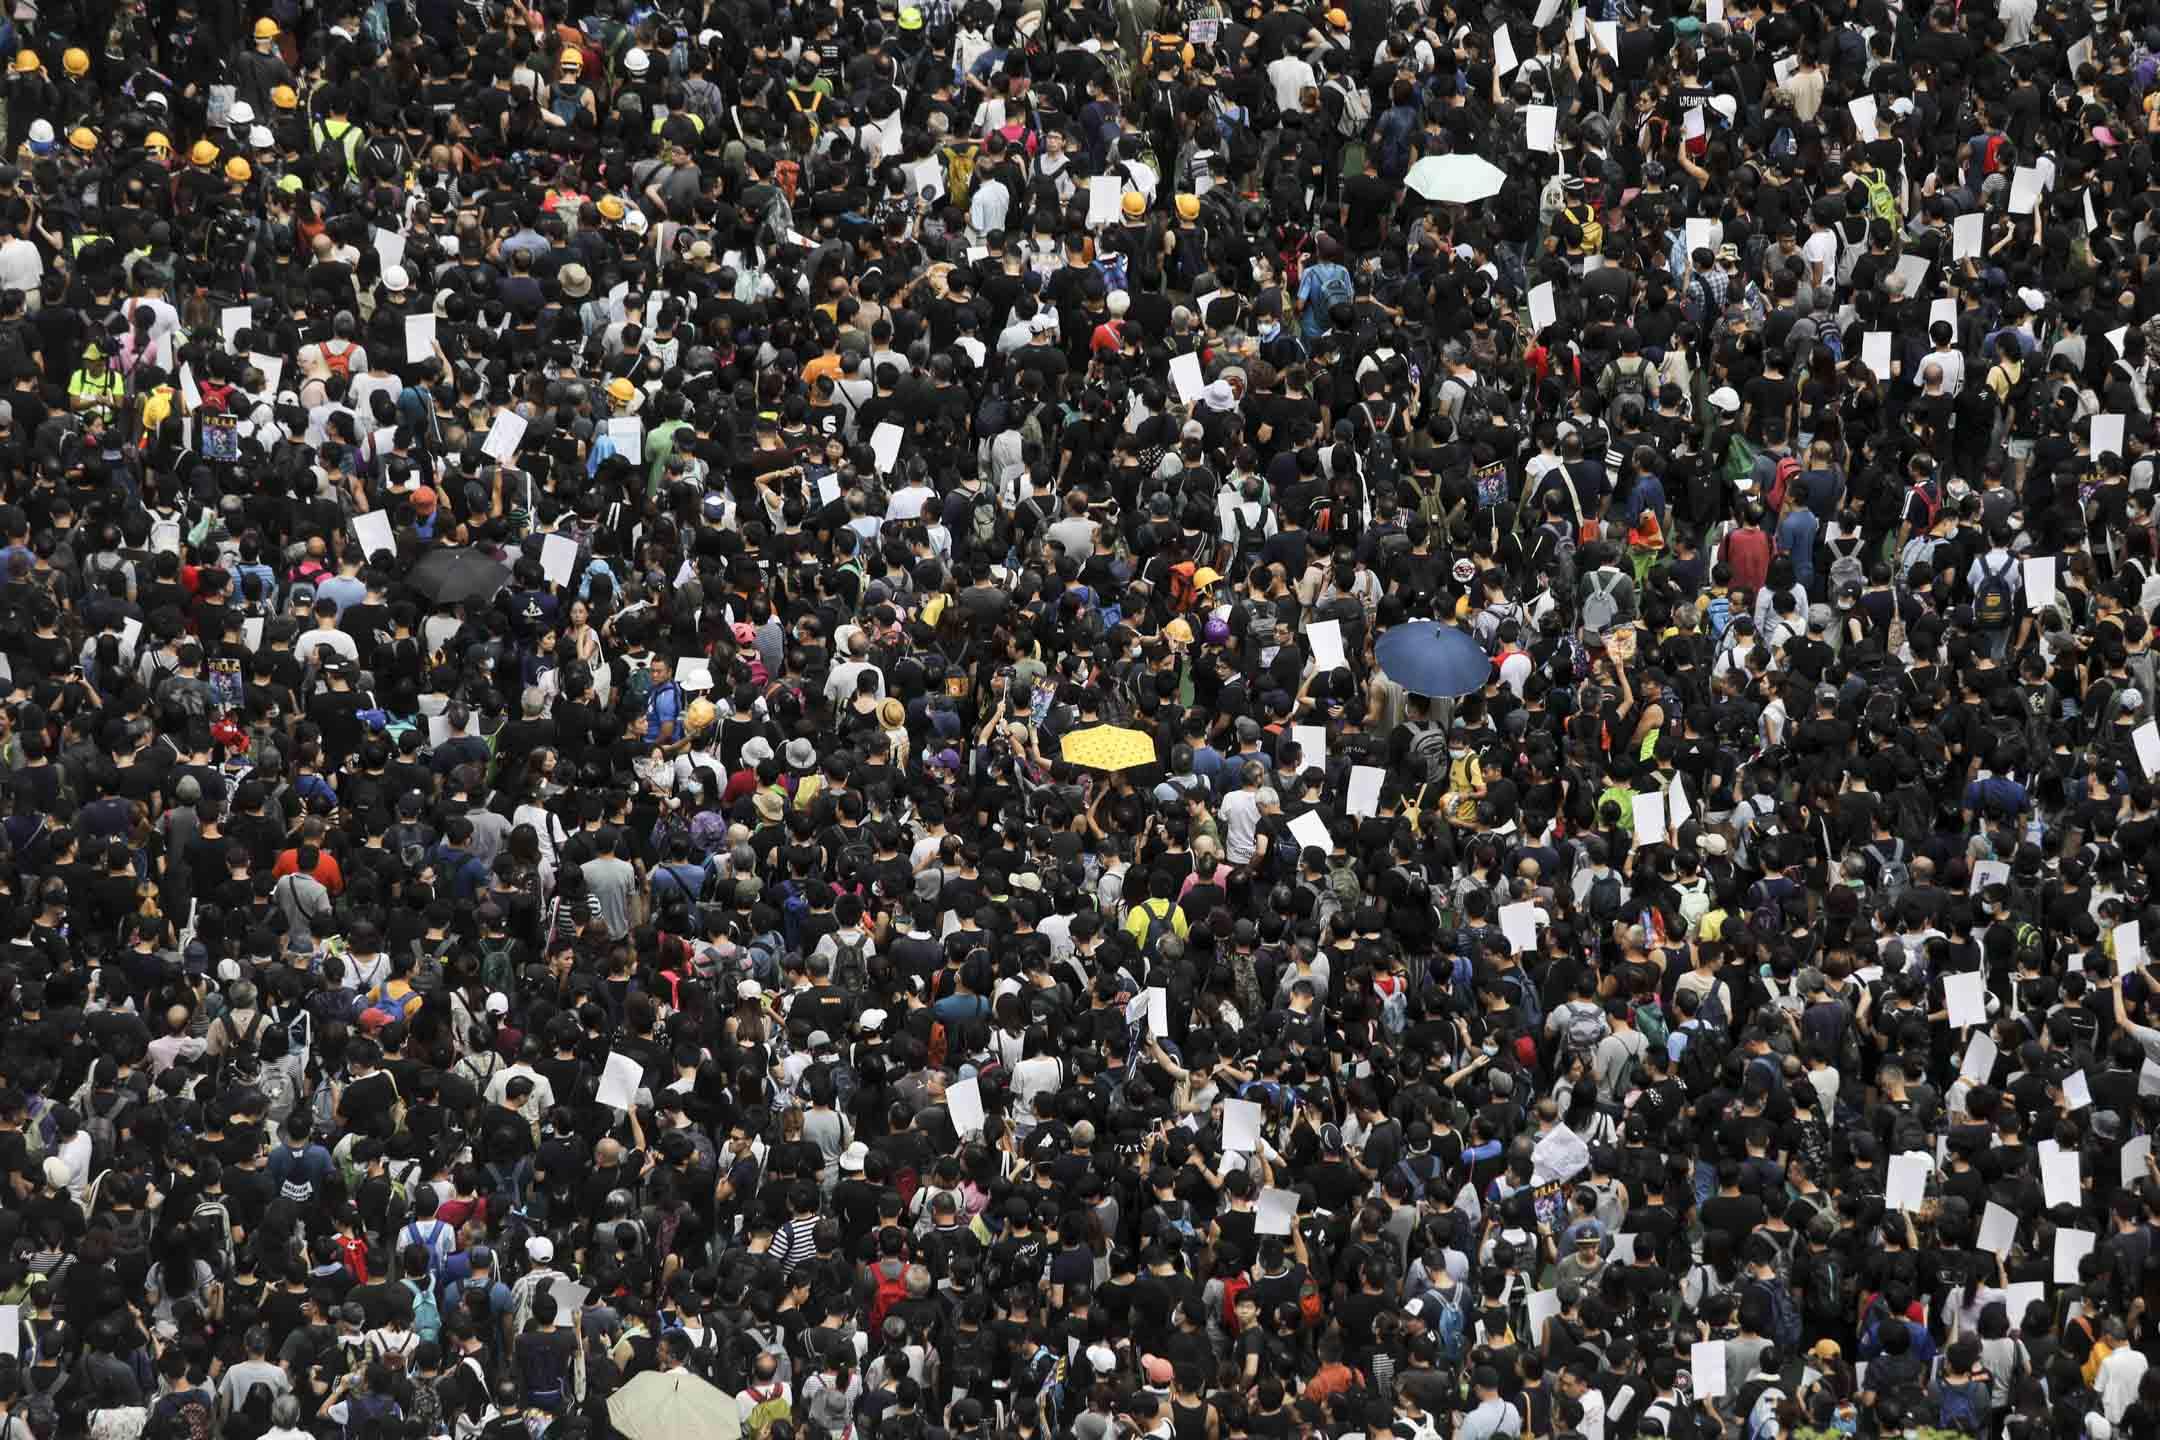 2019年8月3日,「旺角再遊行」獲警方發出不反對通知書,遊行於下午2時半開始,直至晚上9時,路線以晏架街公園起步。